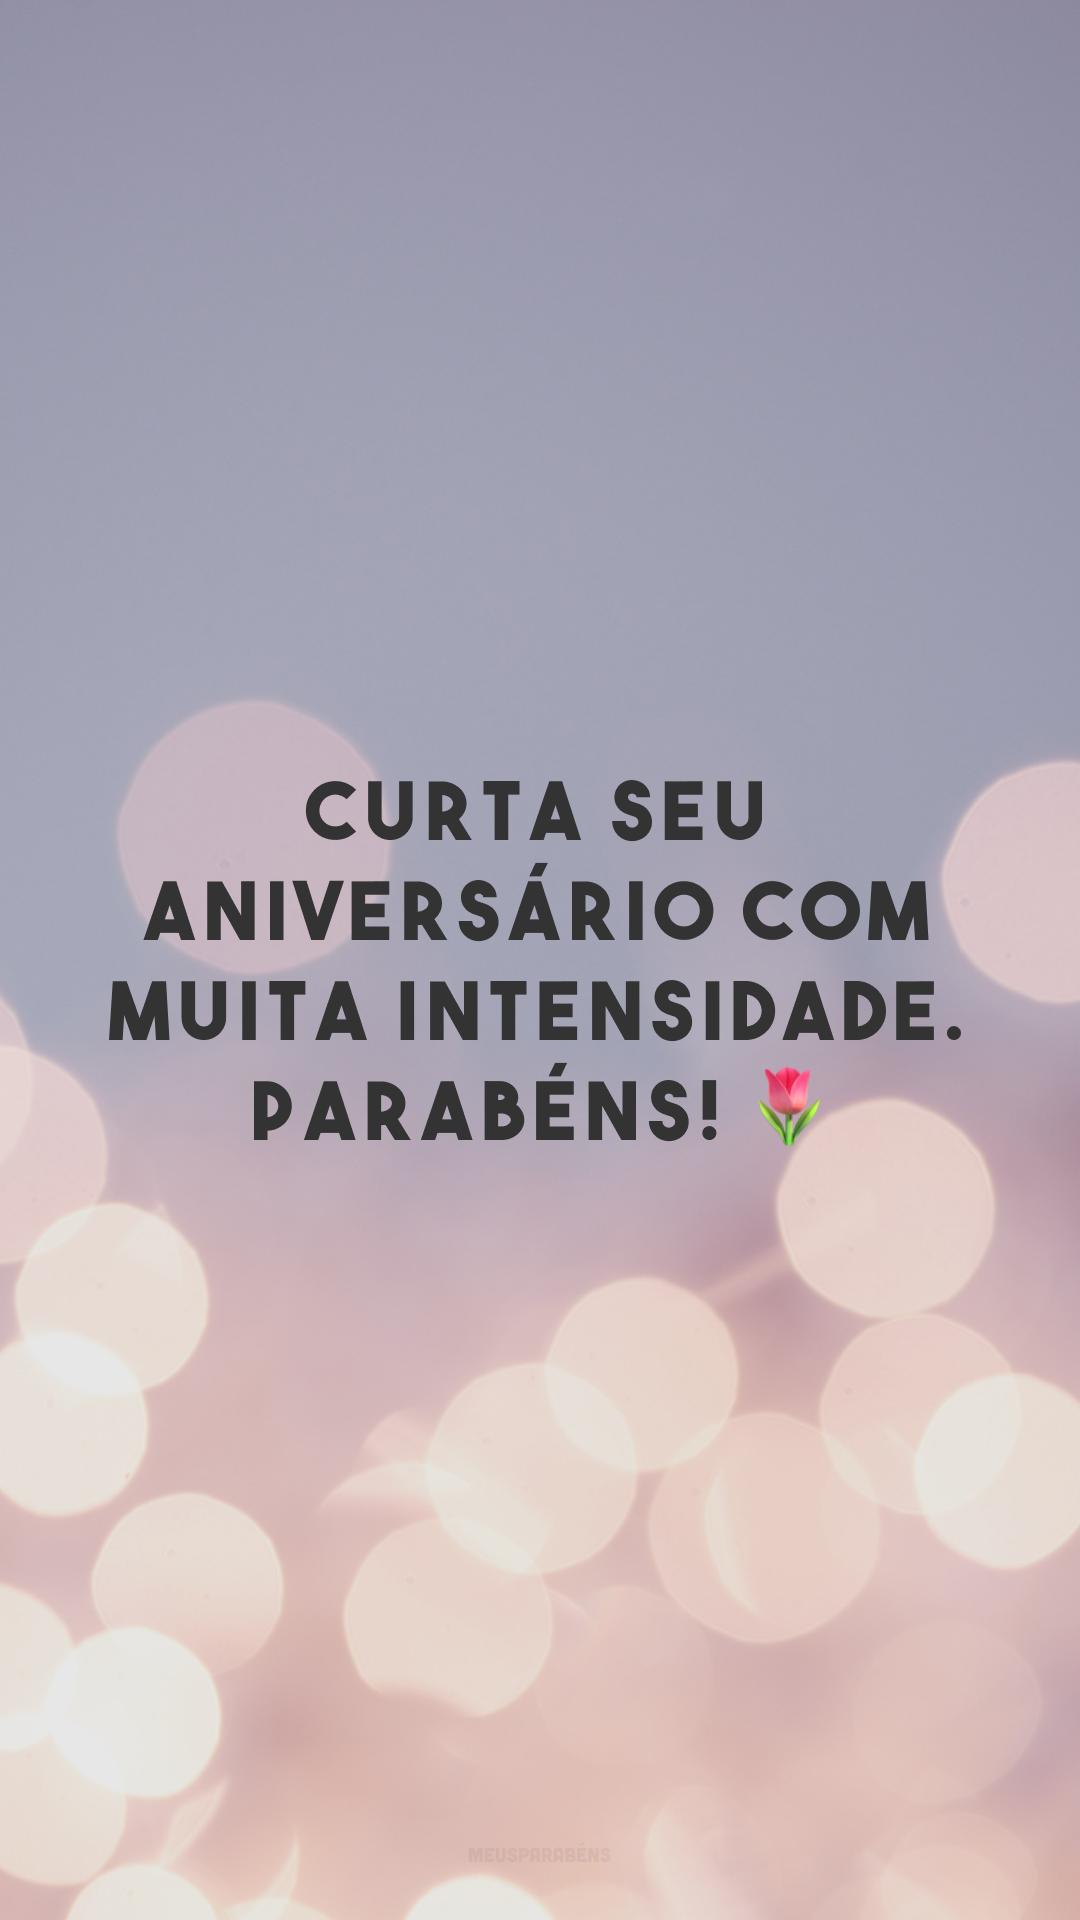 Curta seu aniversário com muita intensidade. Parabéns! 🌷